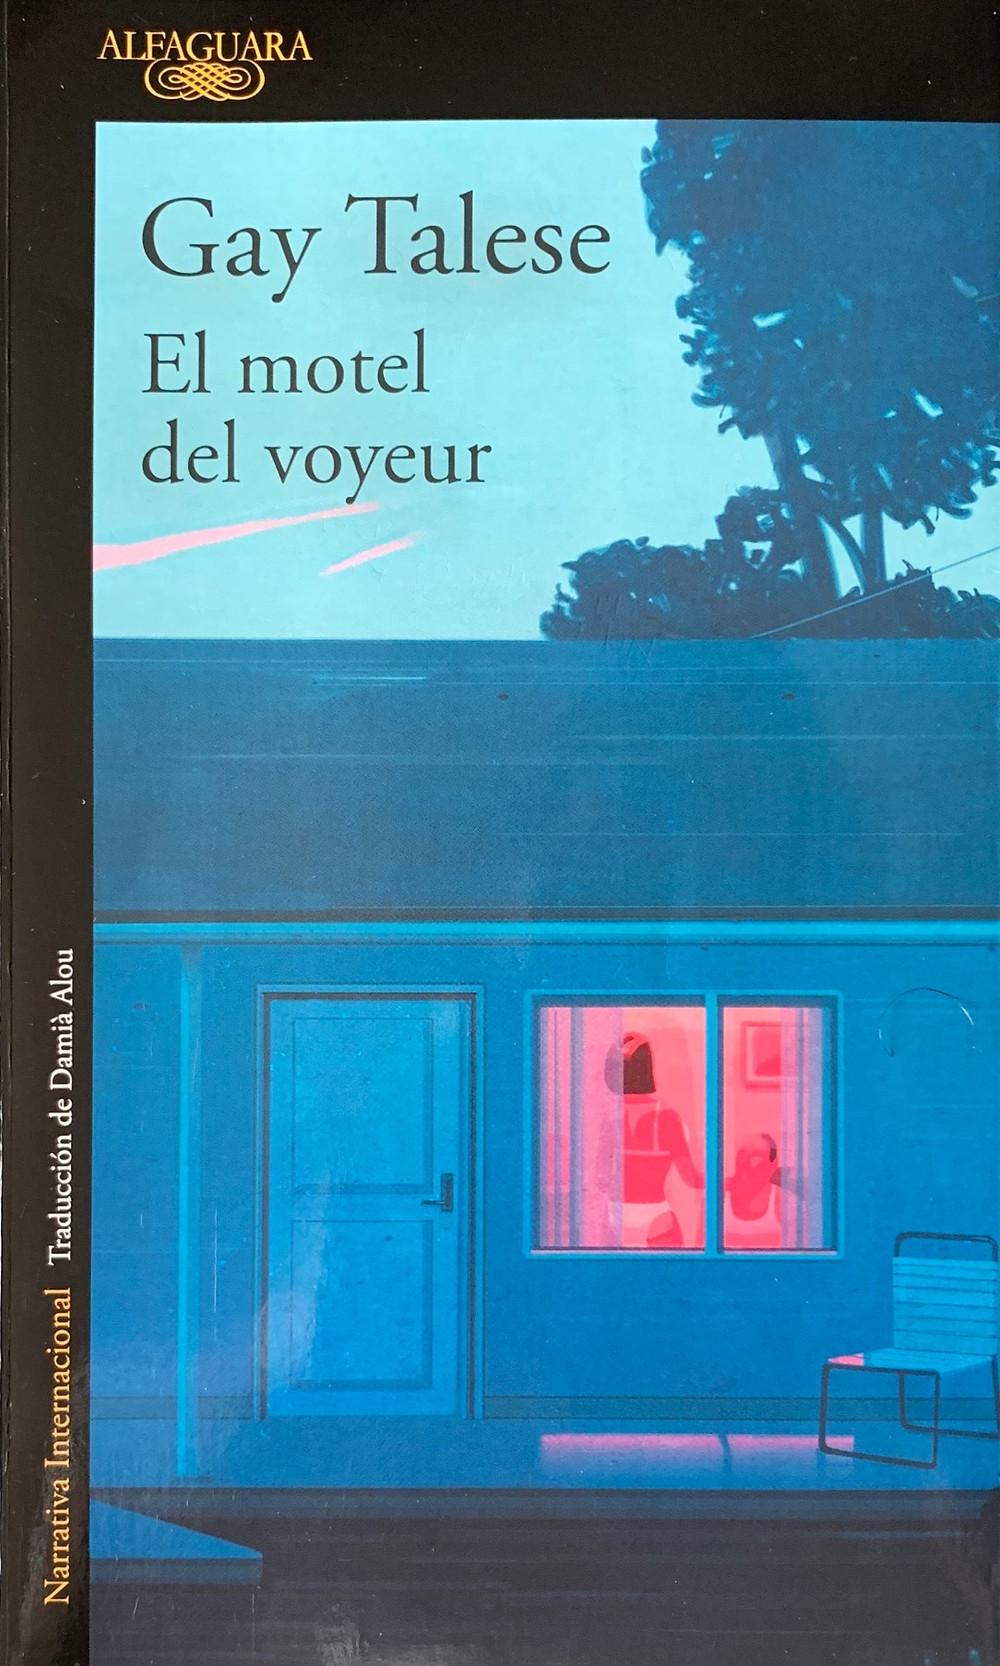 El motel del voyeur (2016) es el último libro de Gay Talese.